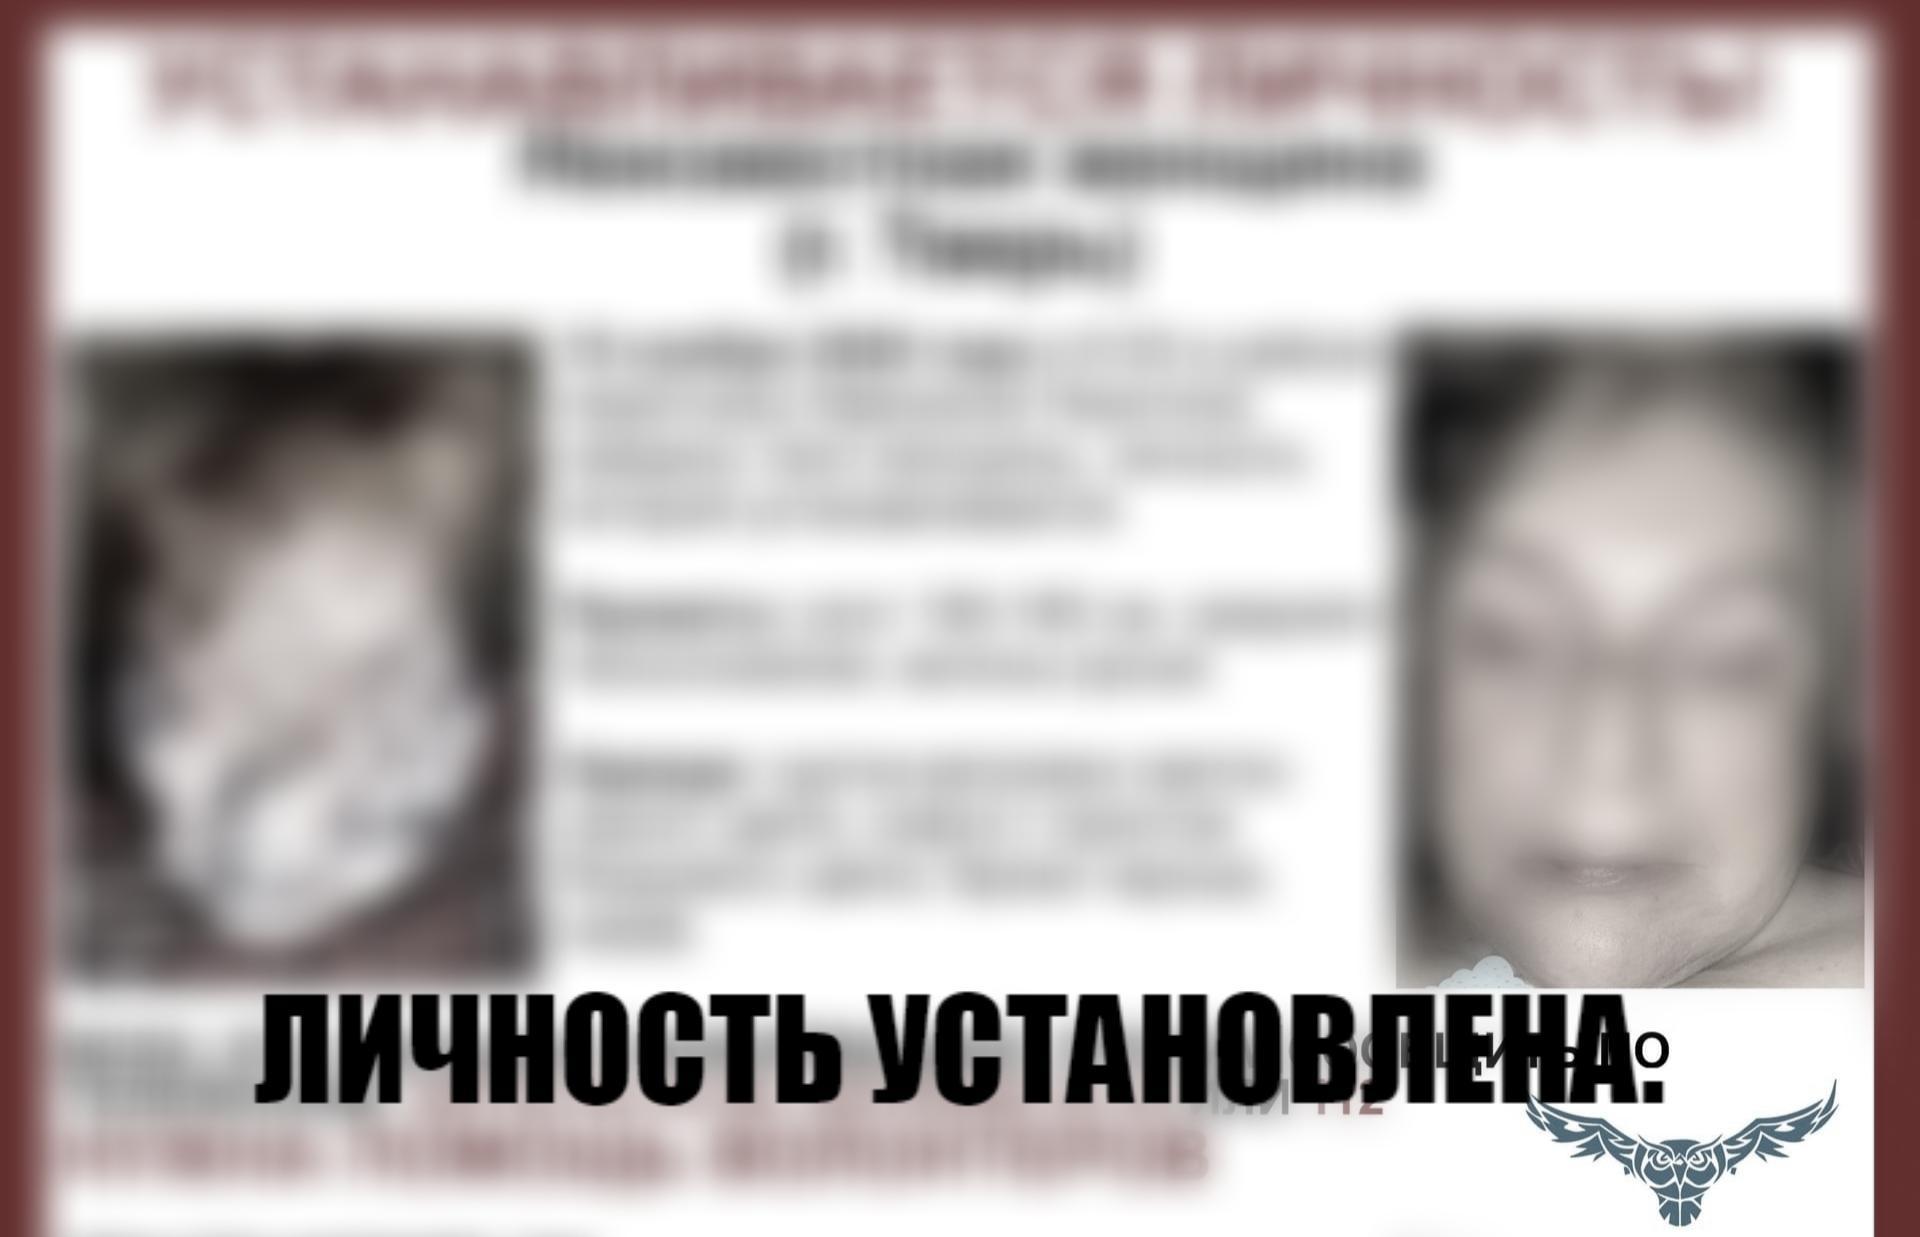 В Твери установлена личность женщины, которую нашли погибшей  - новости Афанасий